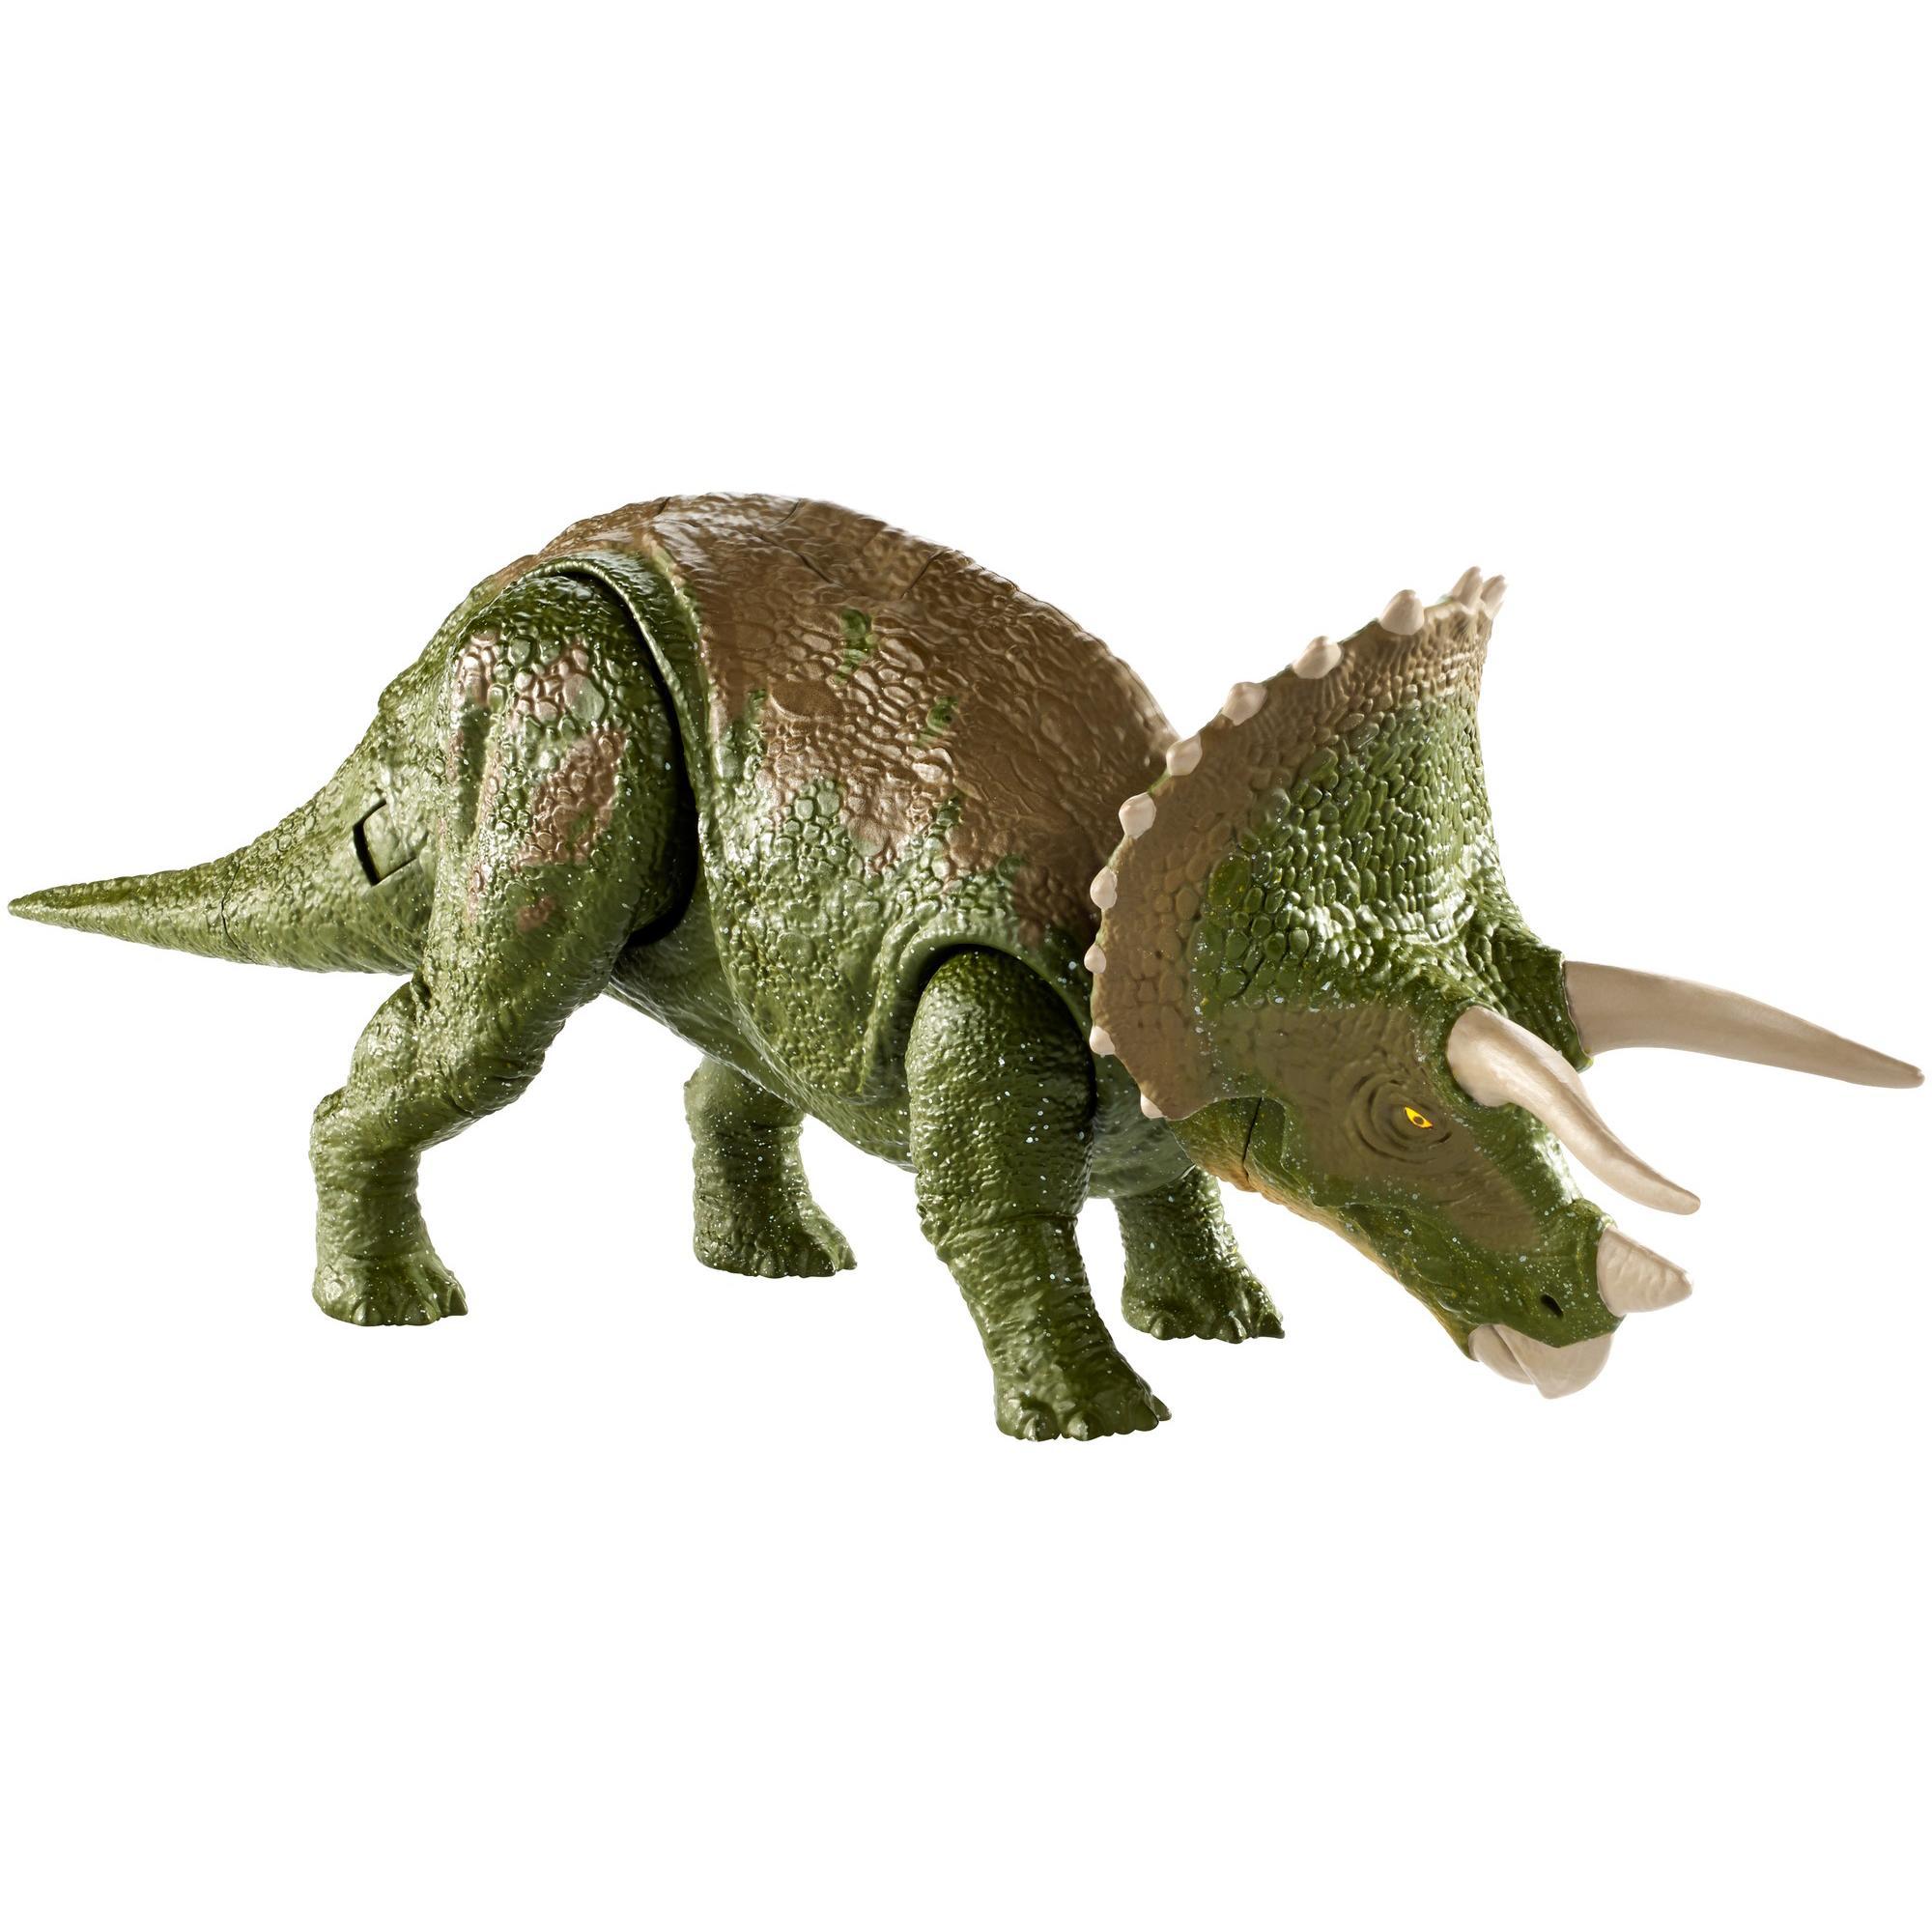 Jurassic World Dino Rivals Dual Attack Triceratops Dinosaur